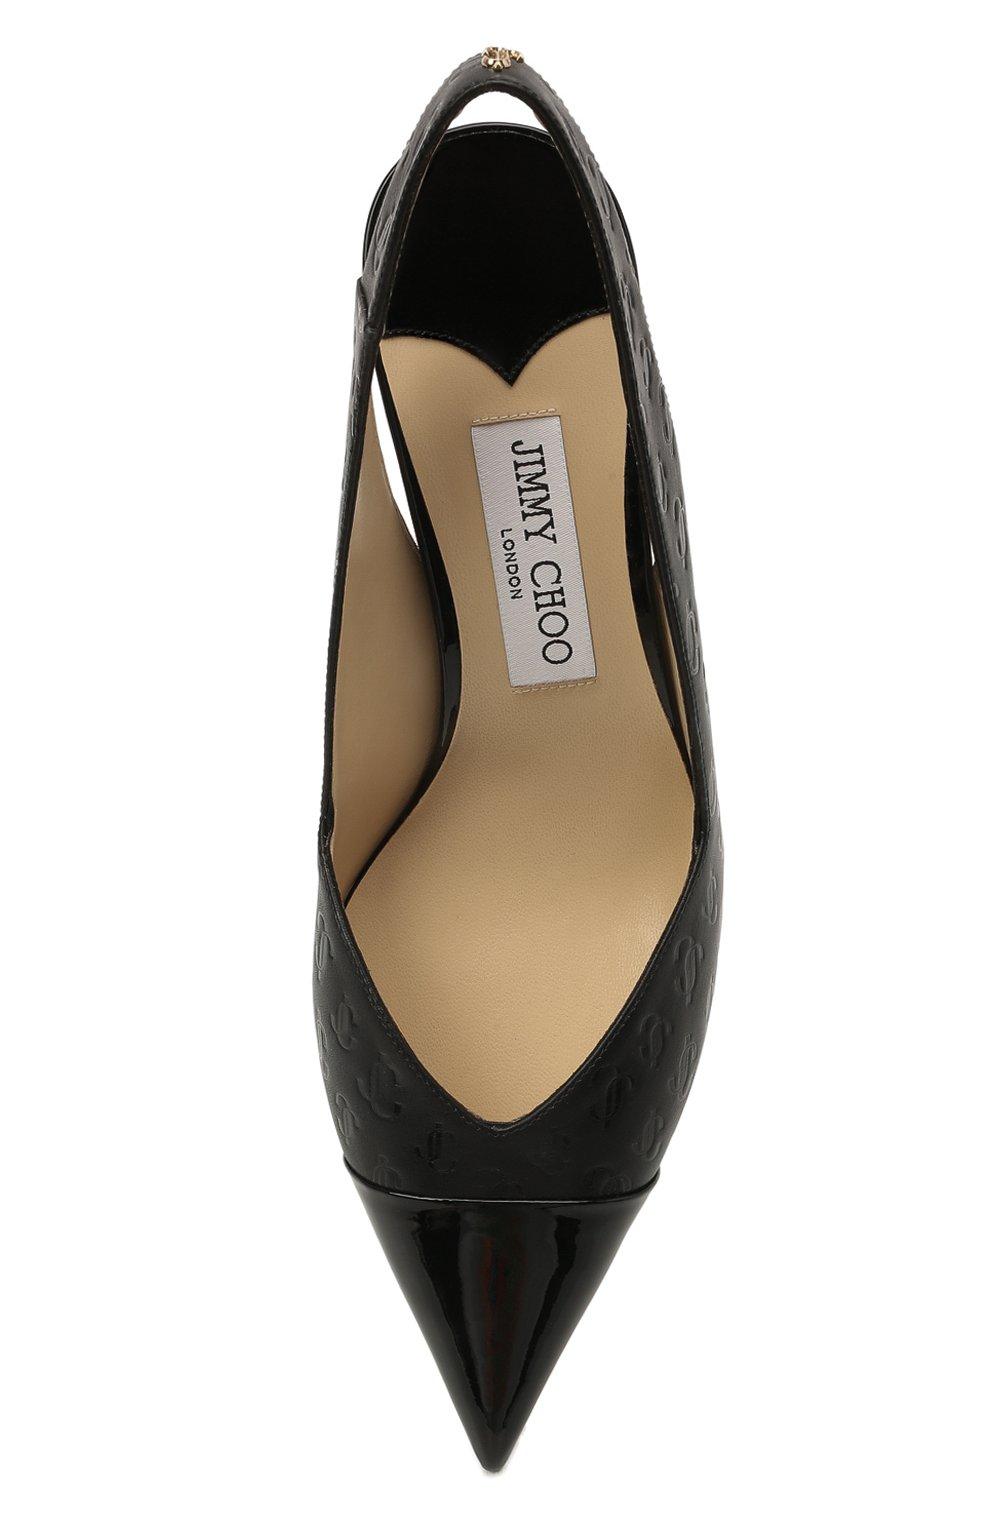 Женские кожаные туфли liya 65 JIMMY CHOO черного цвета, арт. LIYA 65/ZY0 | Фото 5 (Материал внутренний: Натуральная кожа; Каблук высота: Средний; Каблук тип: Фигурный; Подошва: Плоская)